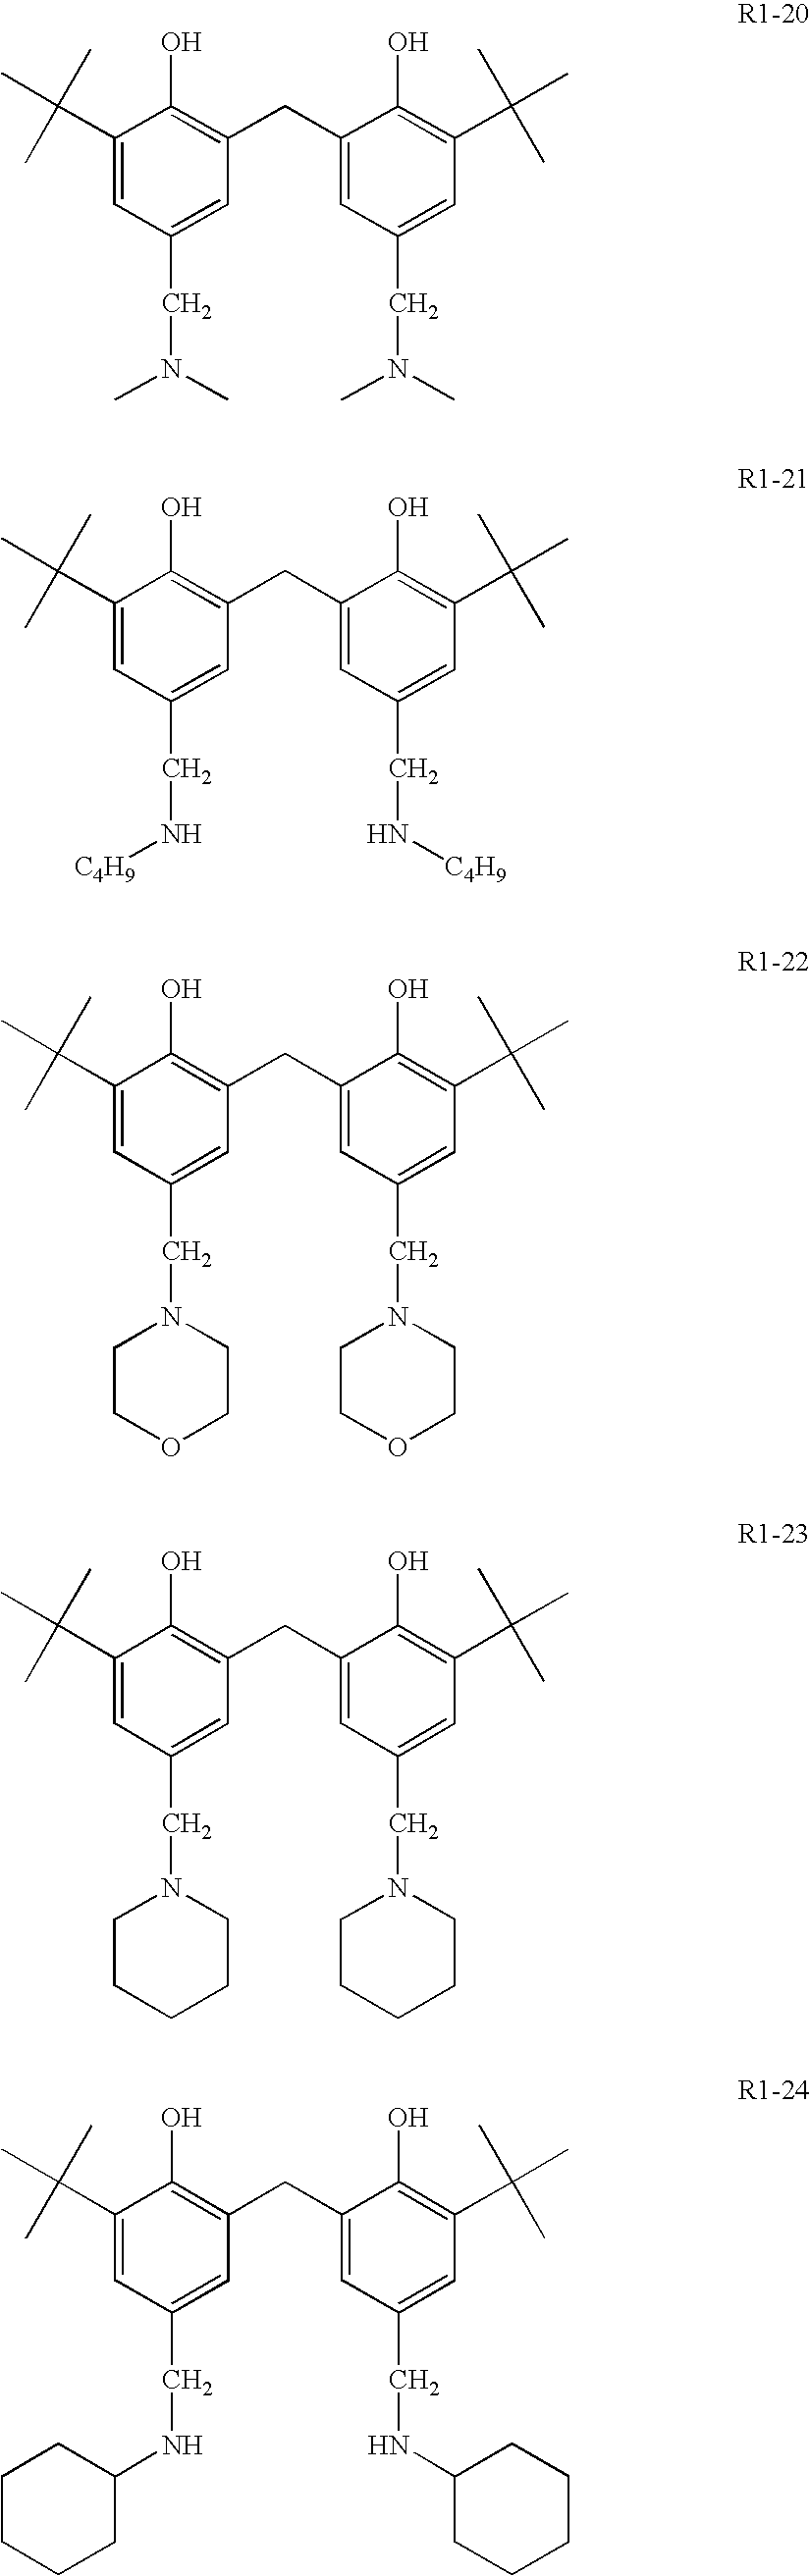 Figure US07133057-20061107-C00008